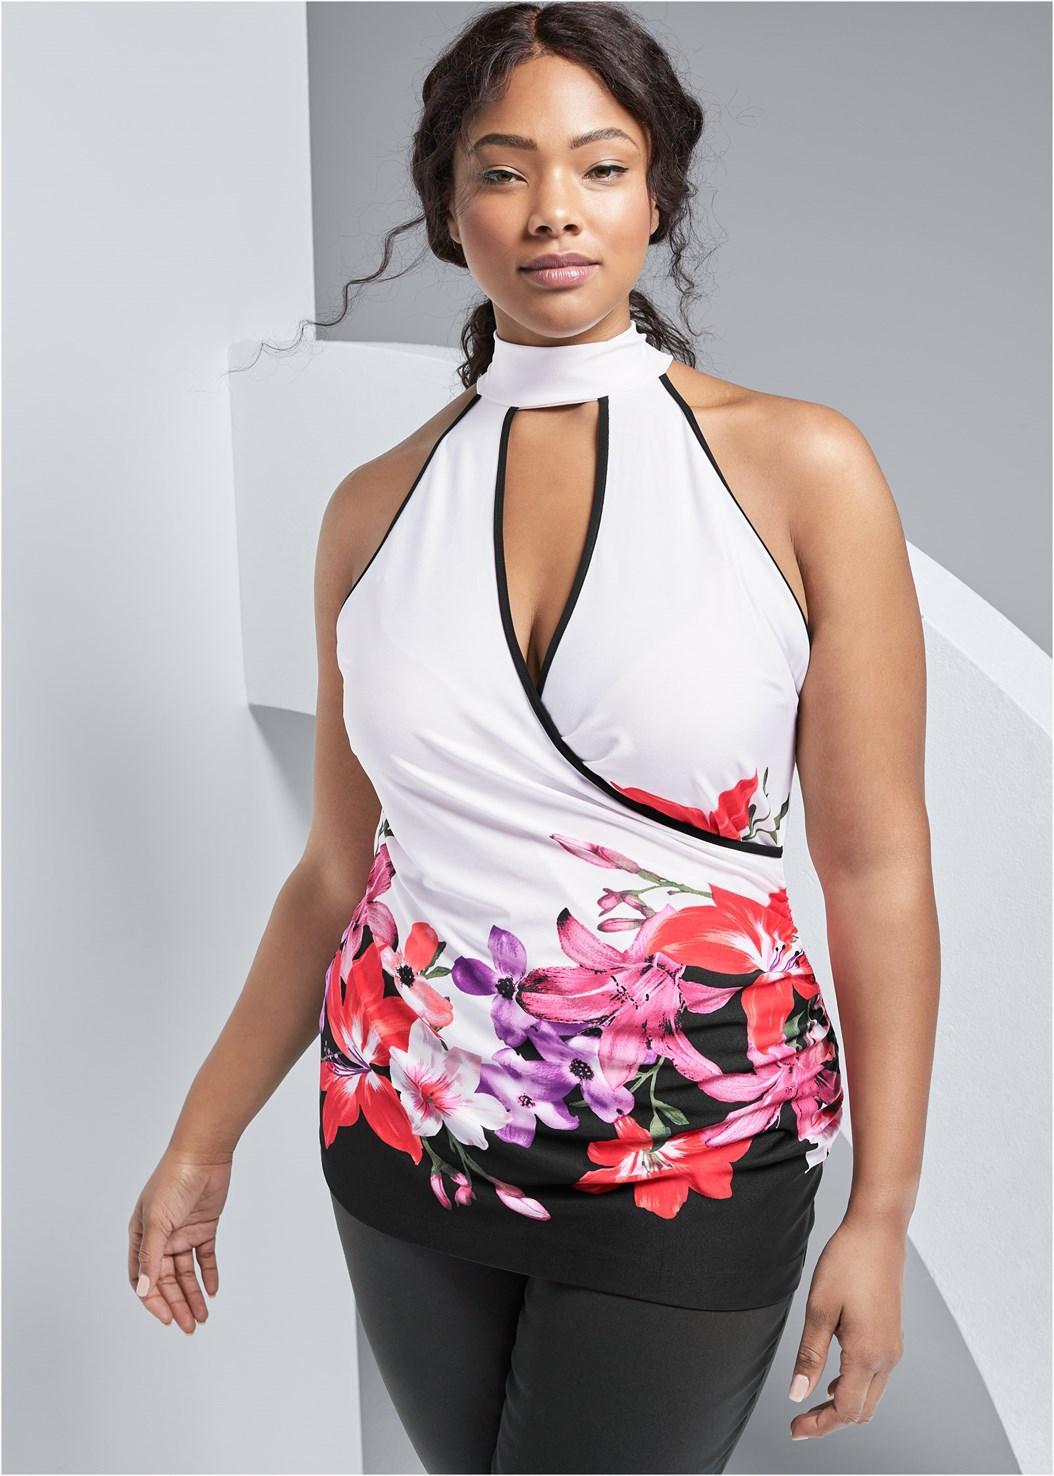 Floral Print Mock Neck Top,Mid Rise Slimming Stretch Jeggings,Embellished Lucite Heel